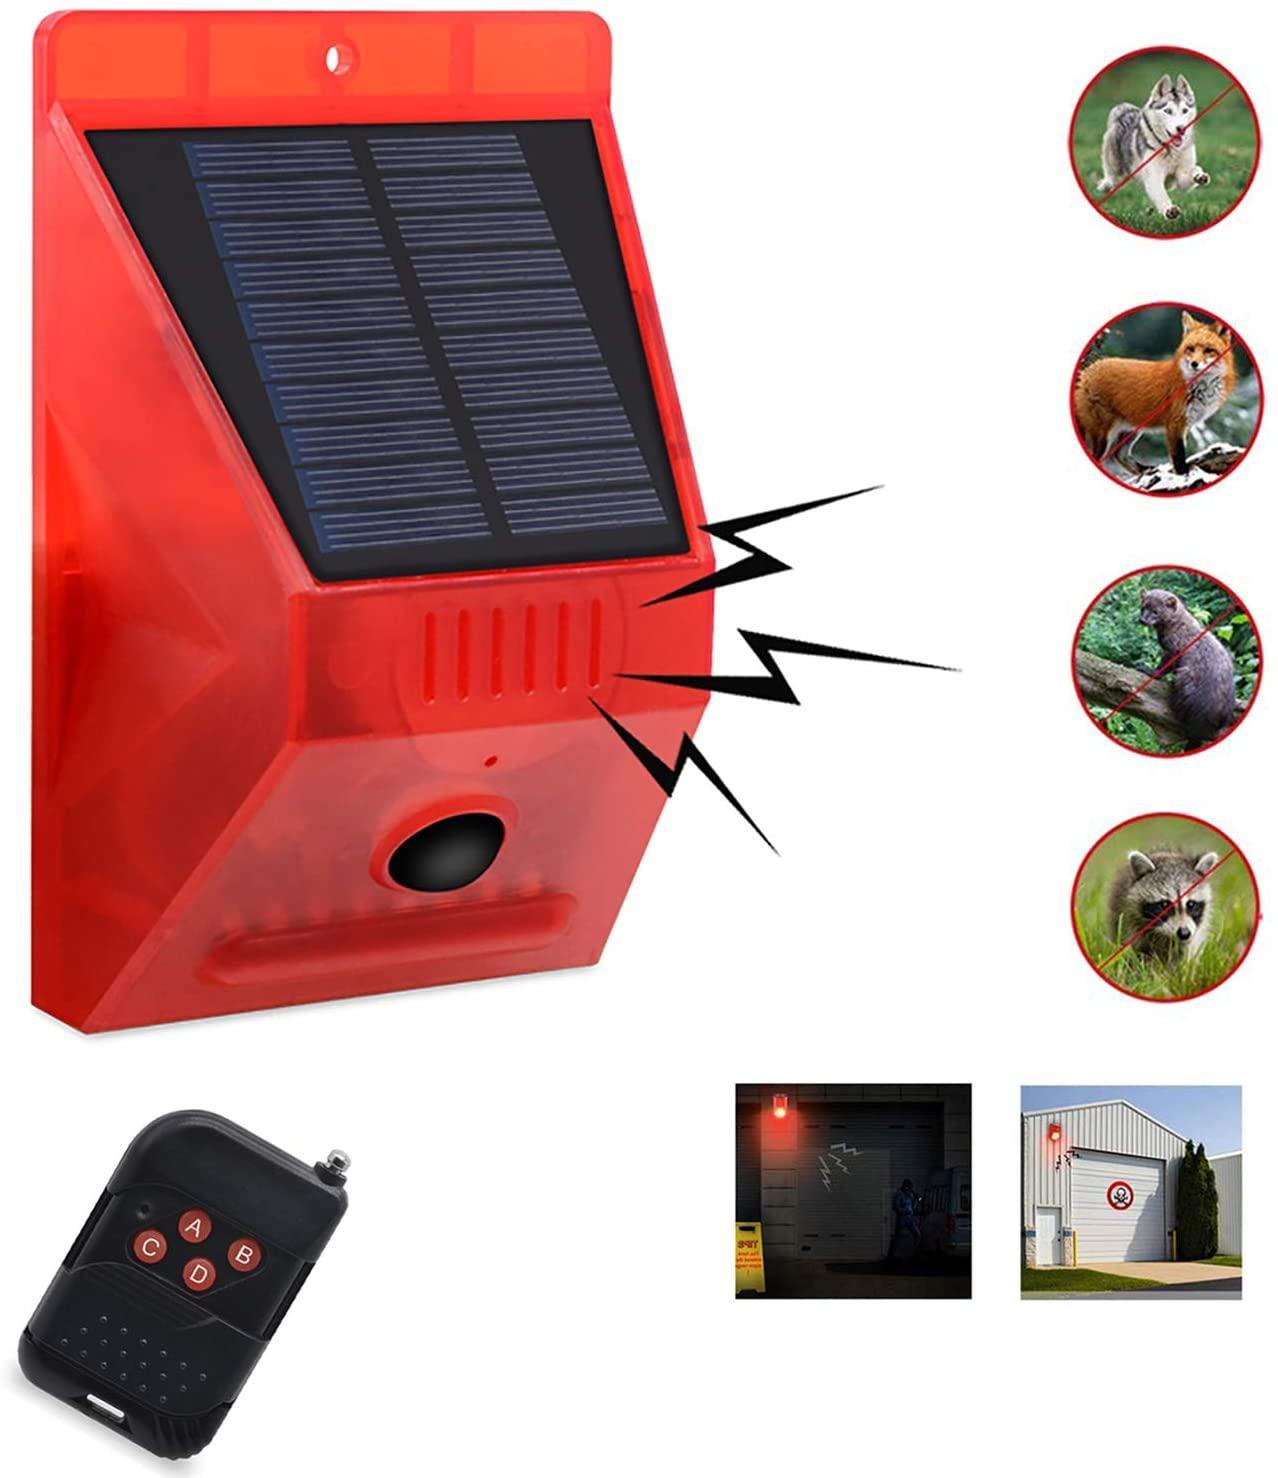 ستروب الخفيفة للطاقة الشمسية مع وحدة تحكم عن بعد الخفيفة للطاقة الشمسية ستروب مع كاشف الحركة الشمسية الخفيفة إنذار 129db الصوت الأمن صفارة الإنذار